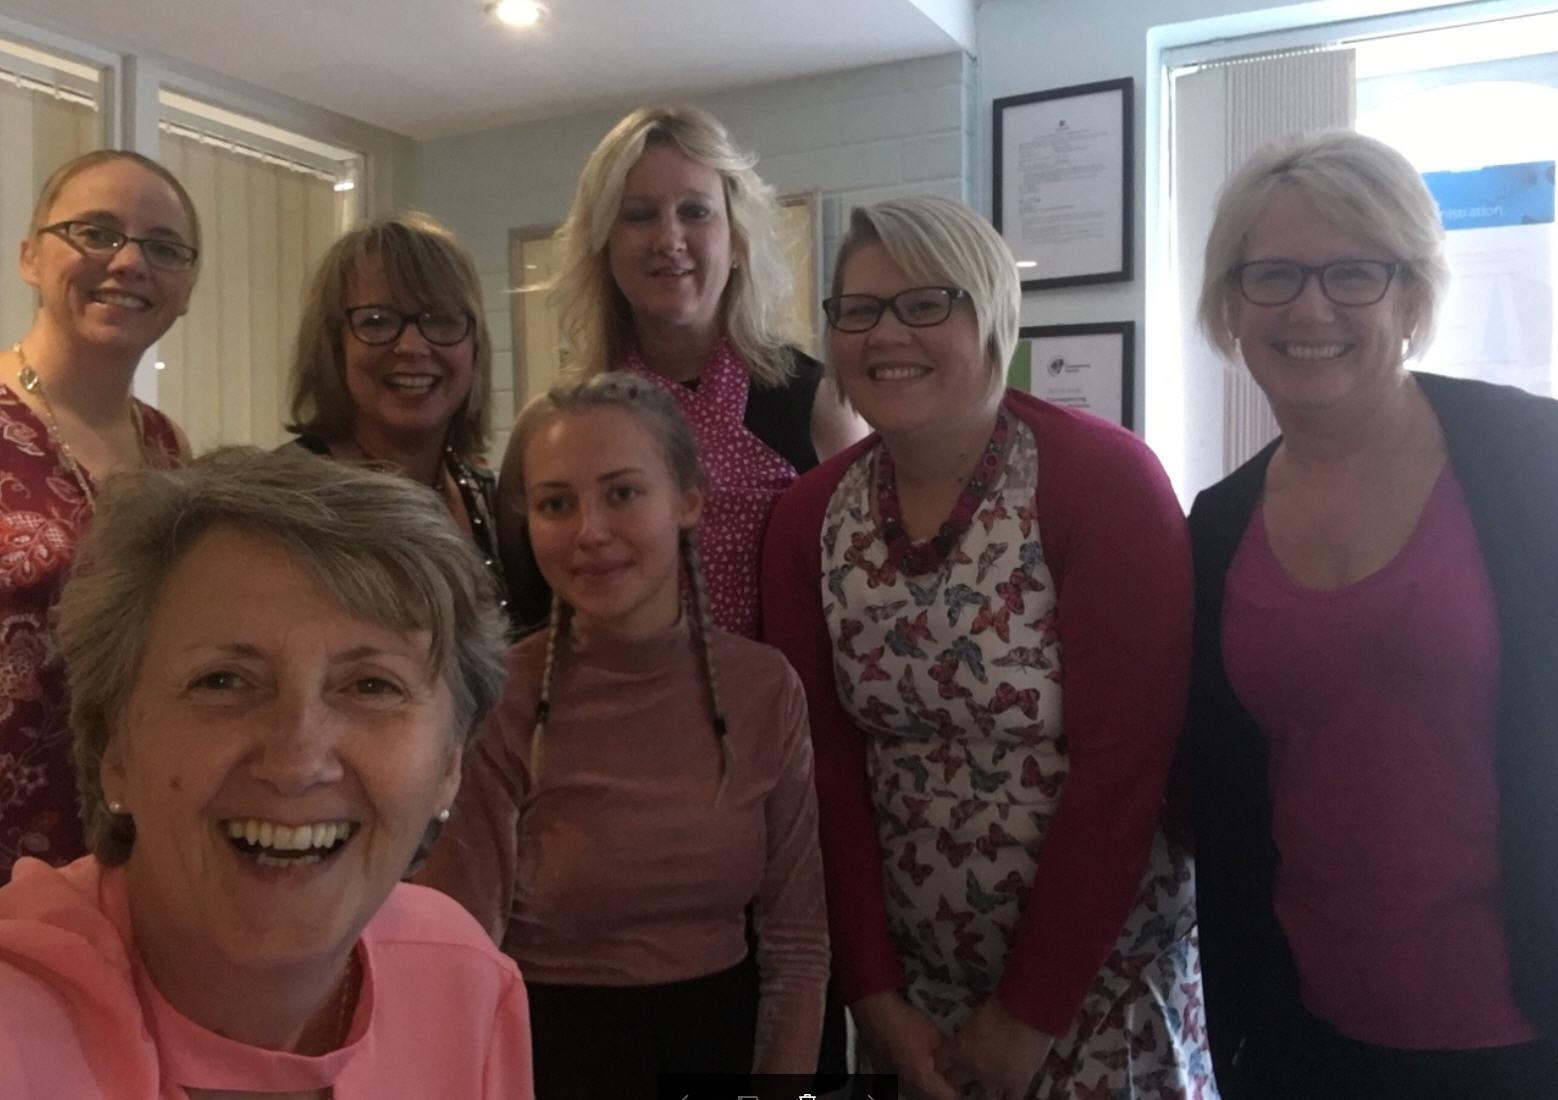 Adams Harrison Support Wear It Pink Day 2017